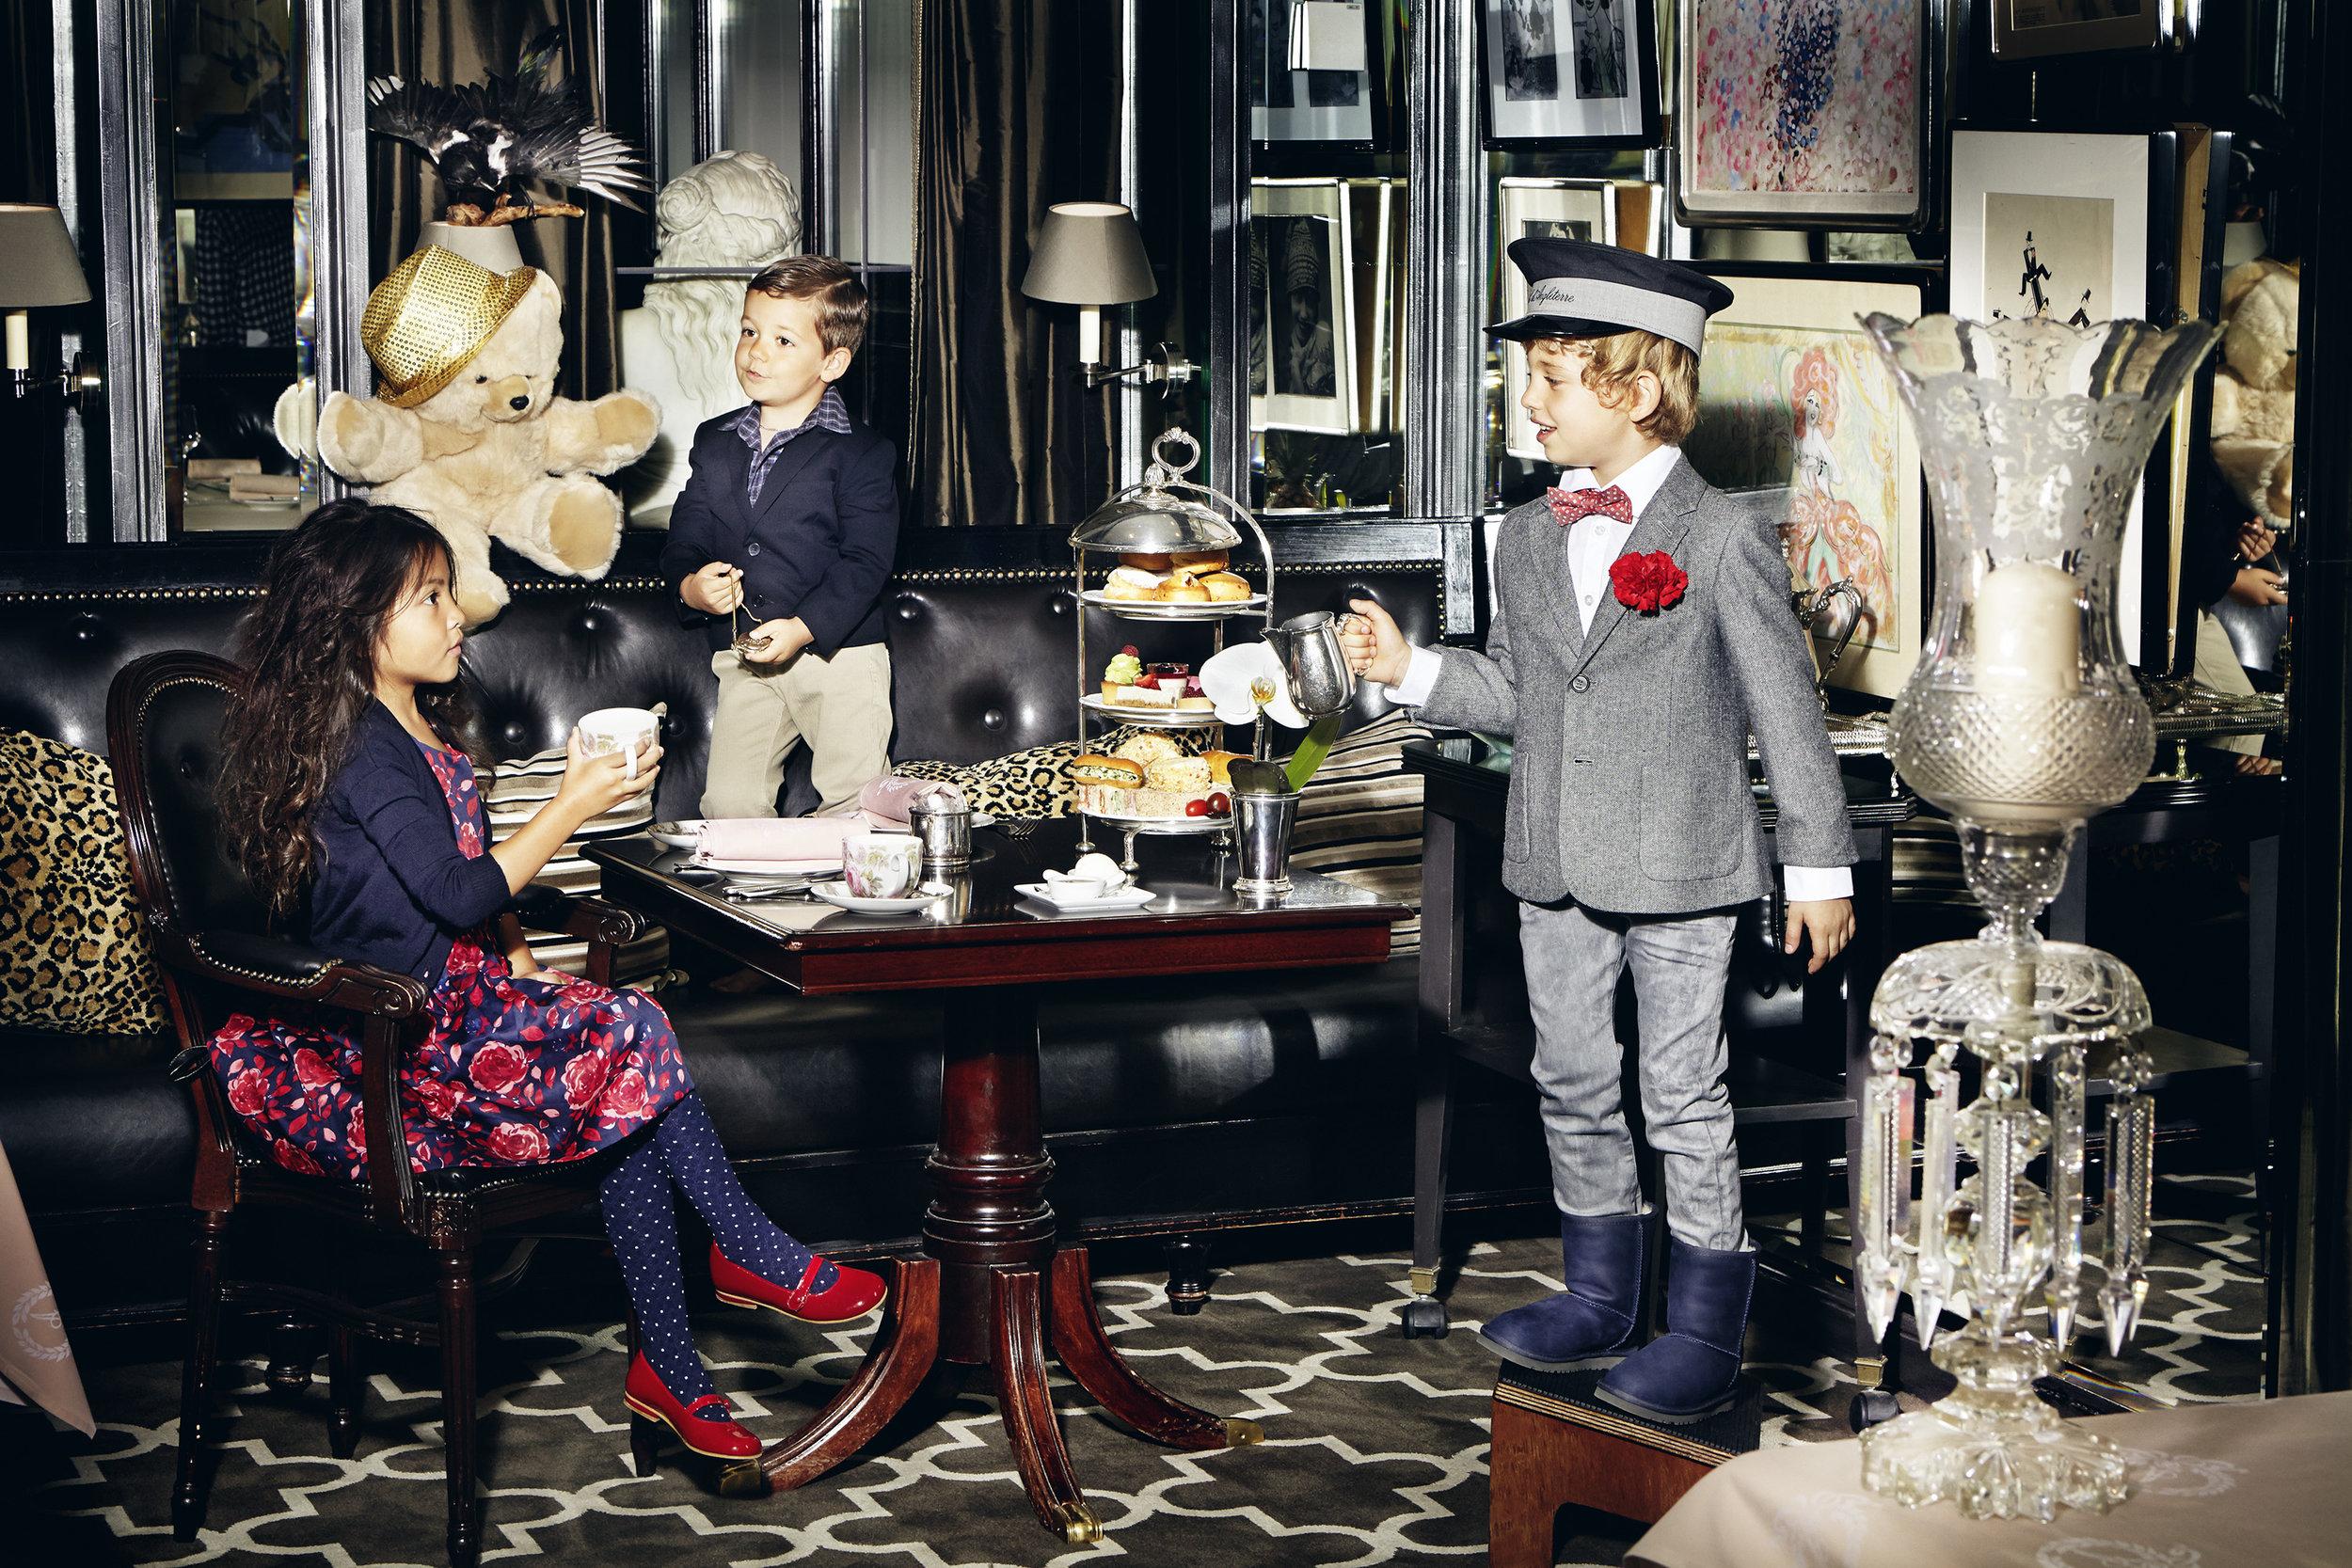 Ilve Little kids having tea